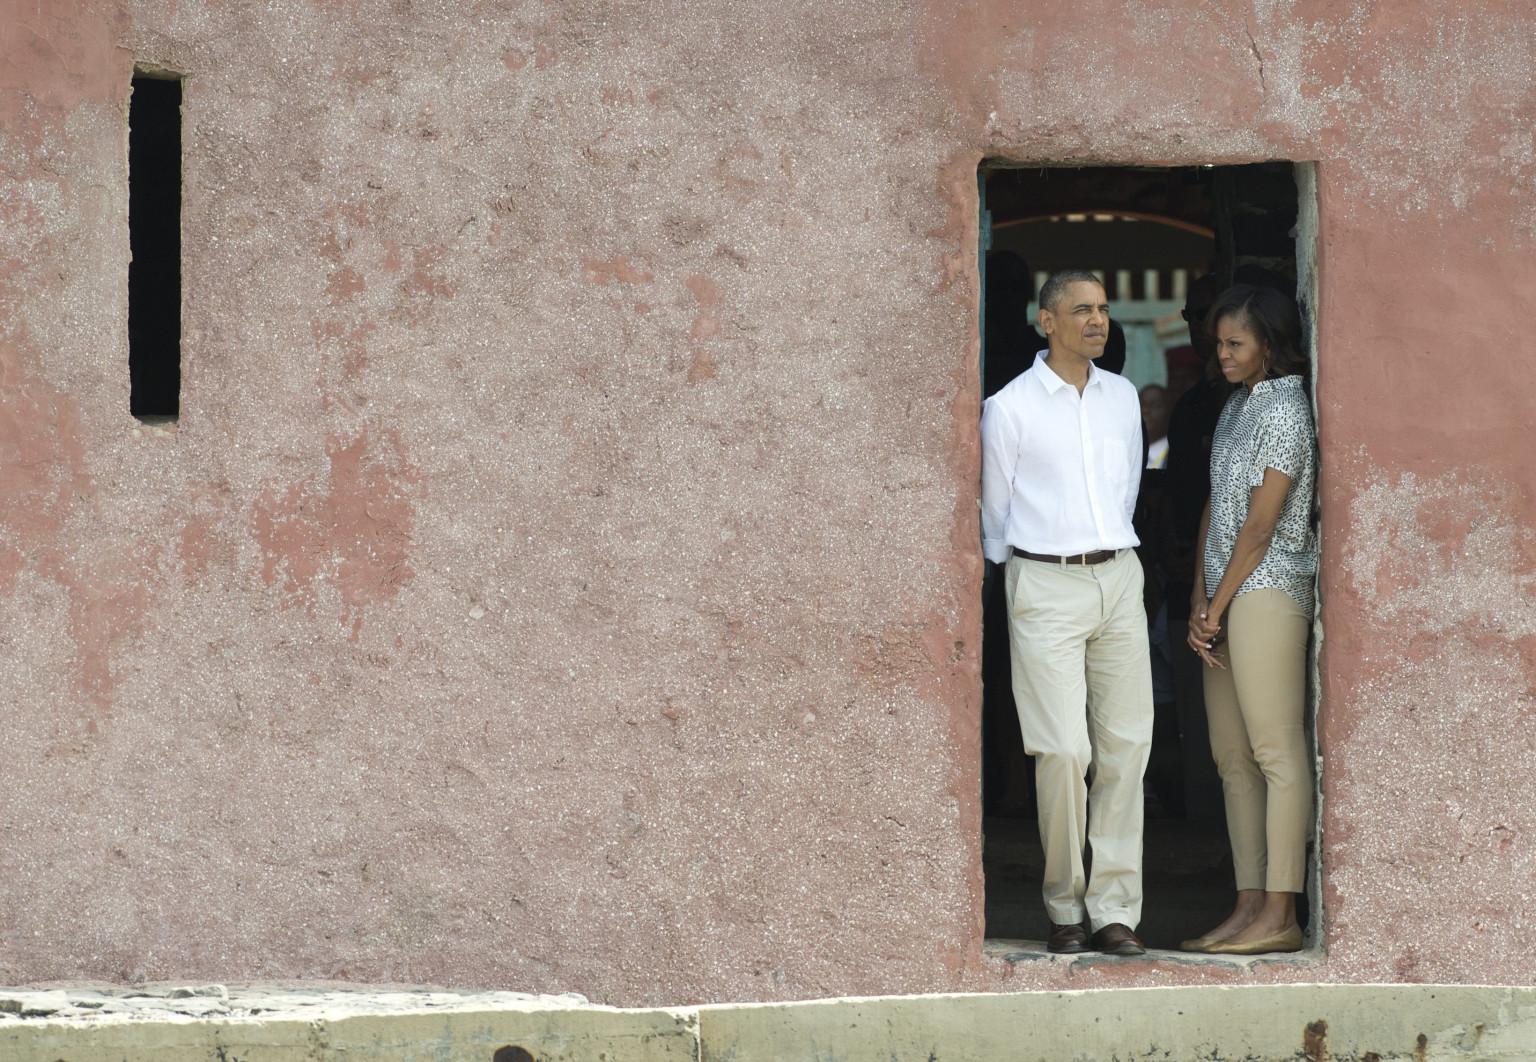 Goree Island, Barack Obama and Apology for Slavery